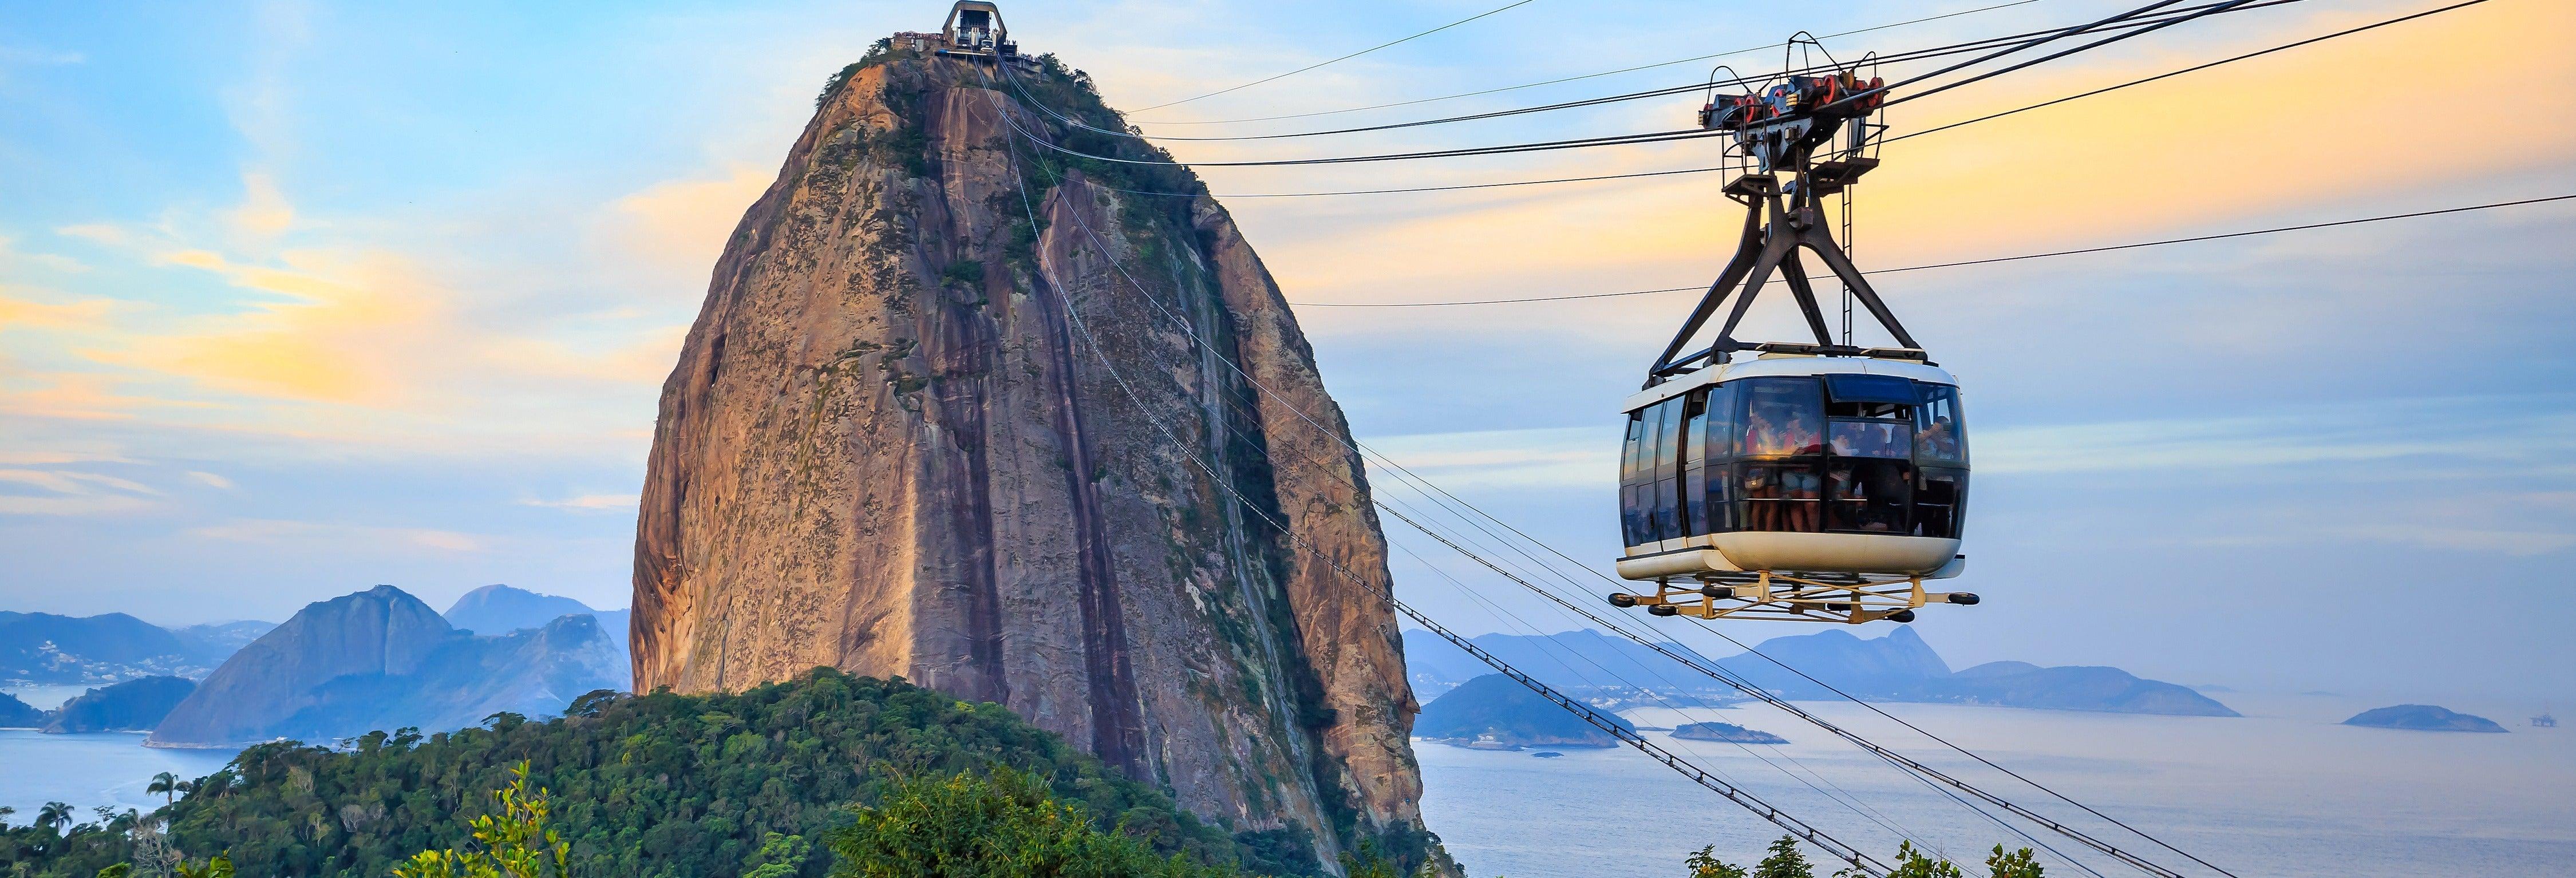 Tour pelo Pão de Açúcar e Copacabana